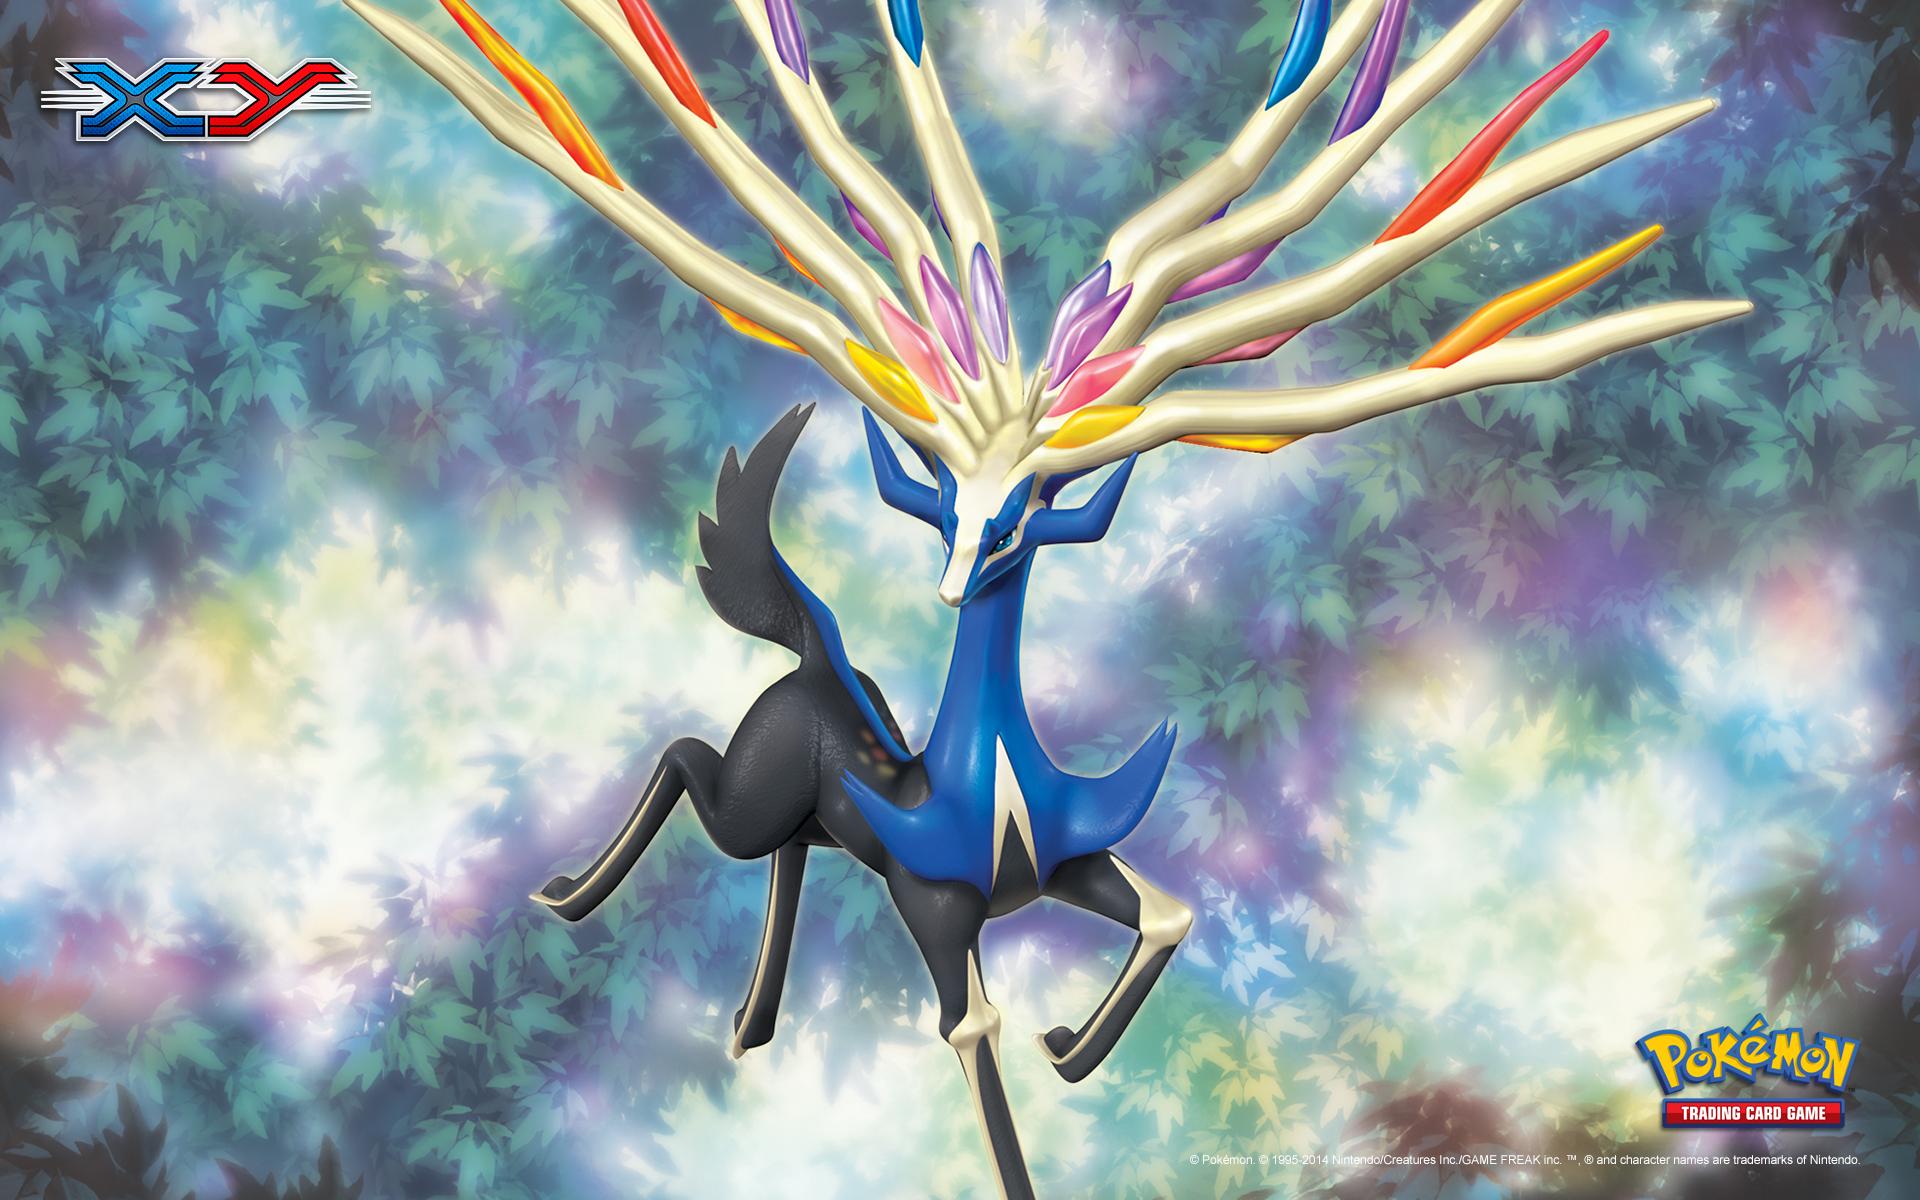 Pokemon Xy Wallpaper Xerneas